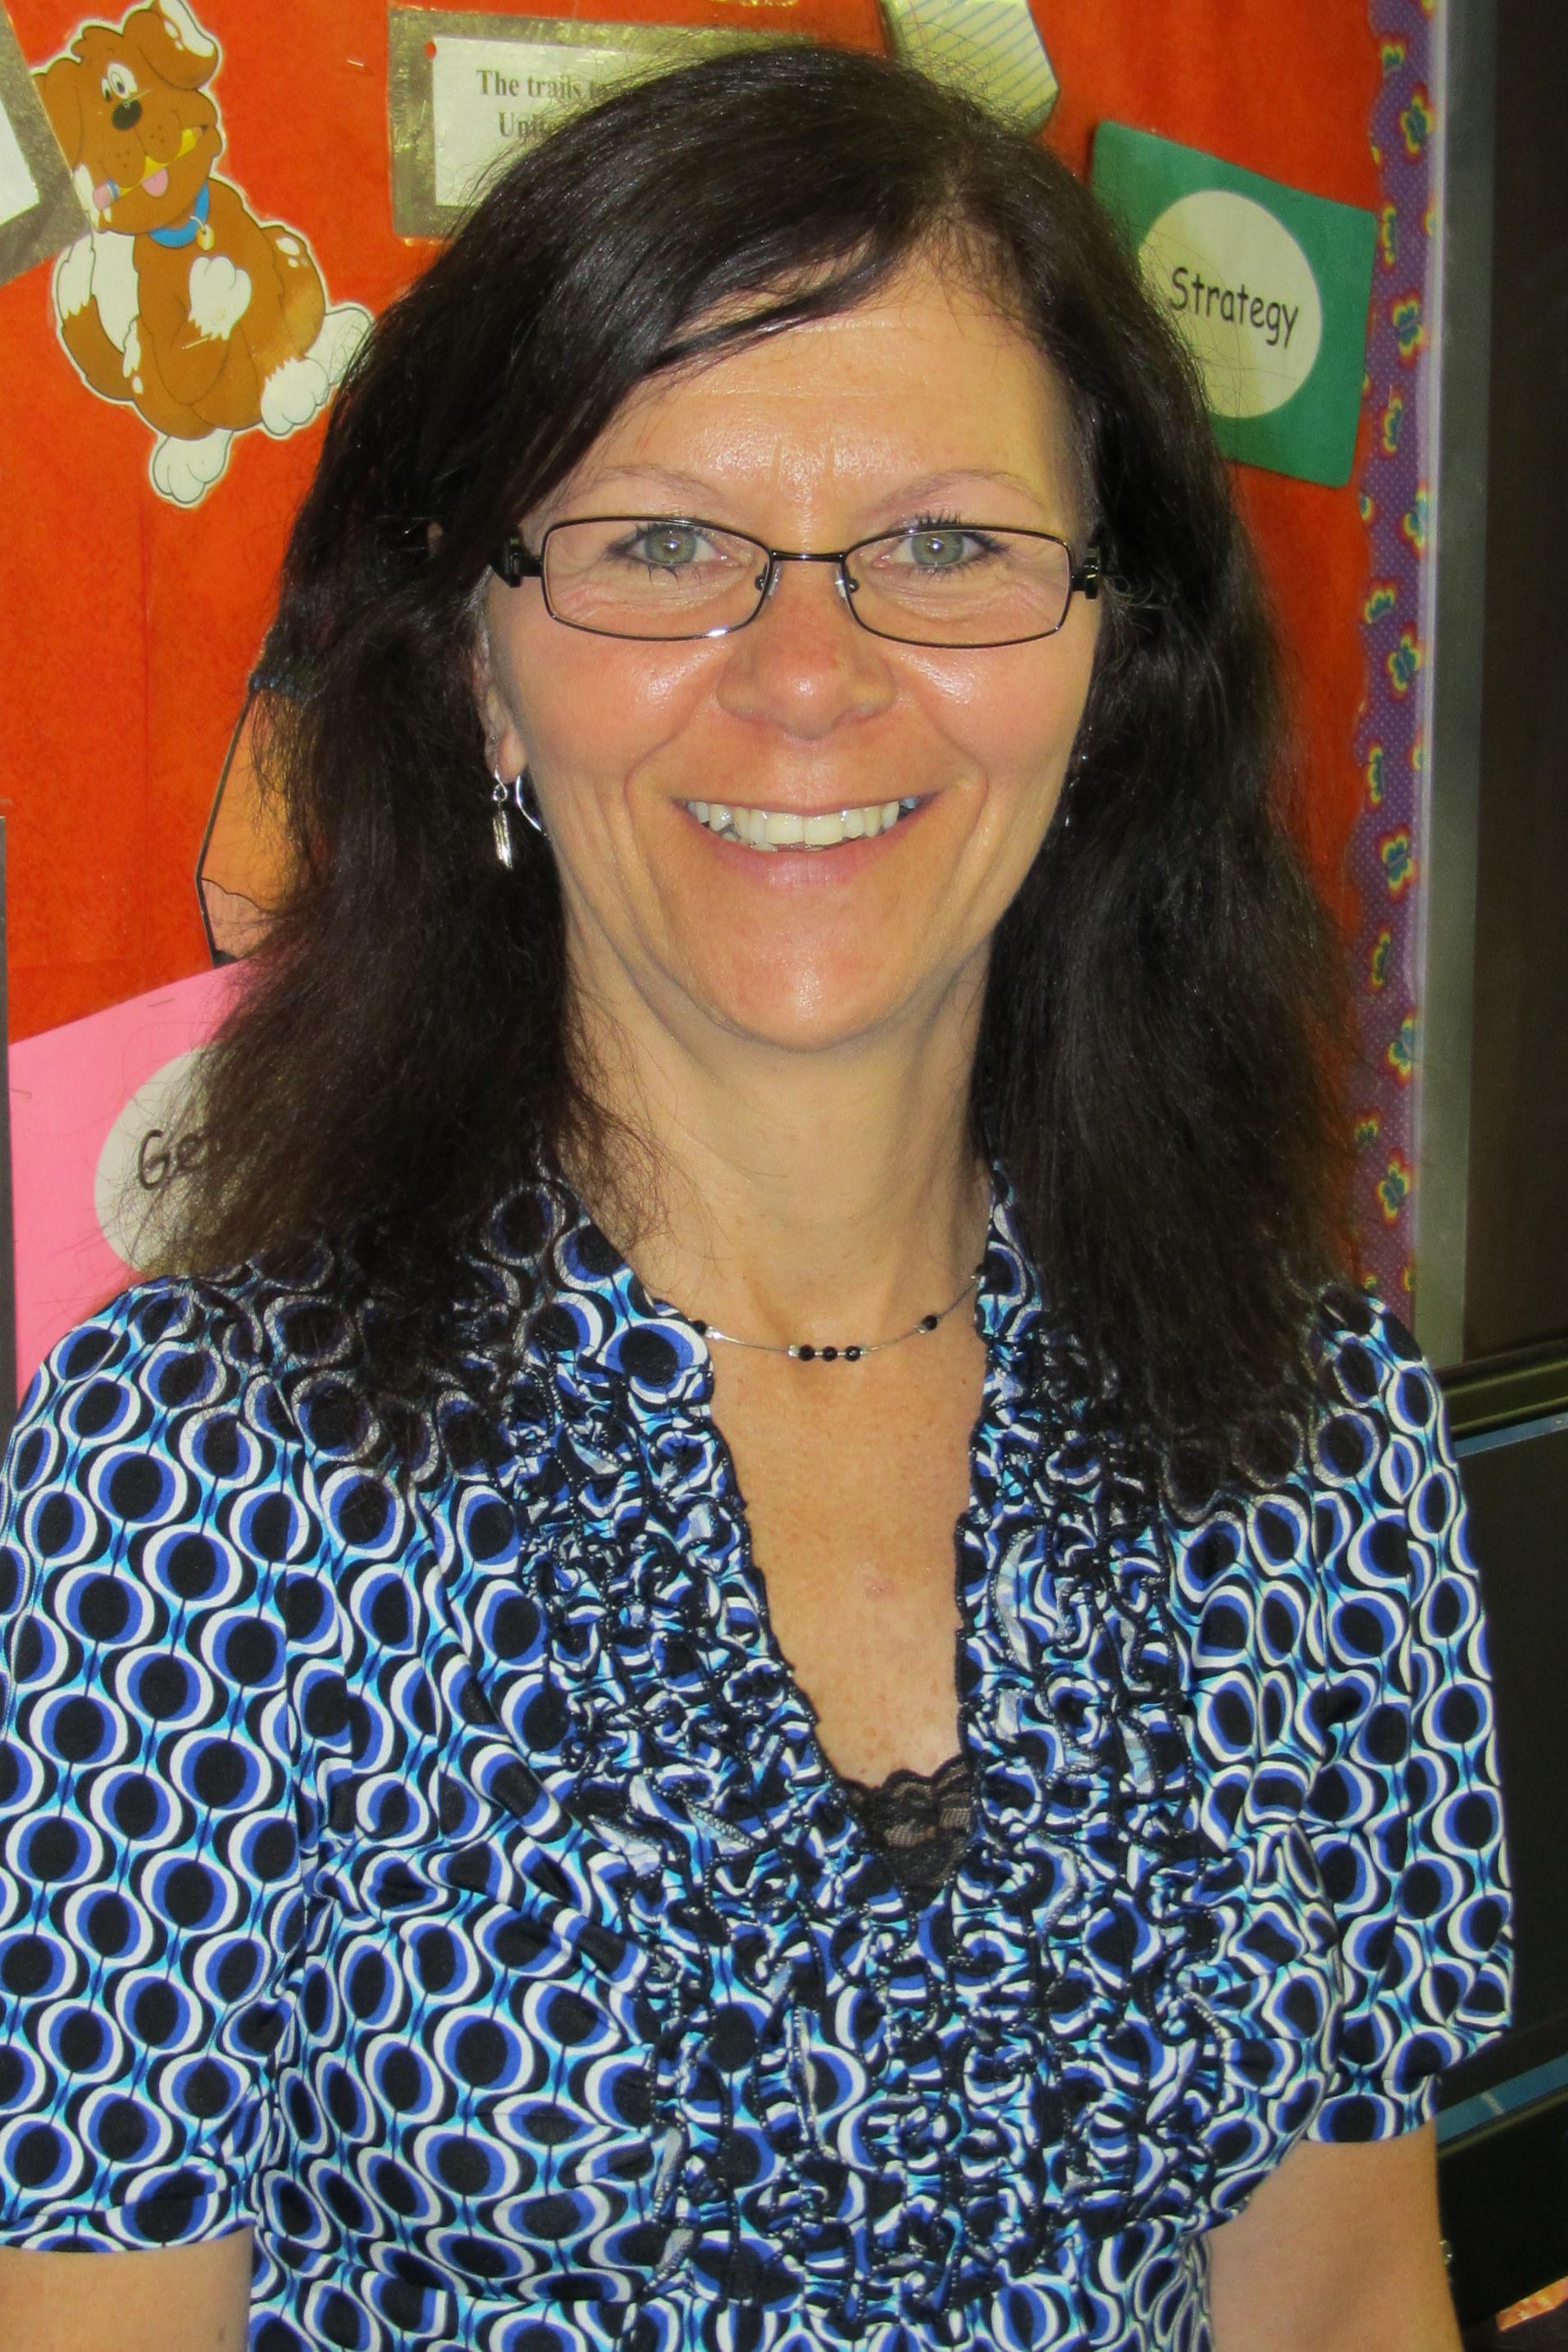 Tina Crane